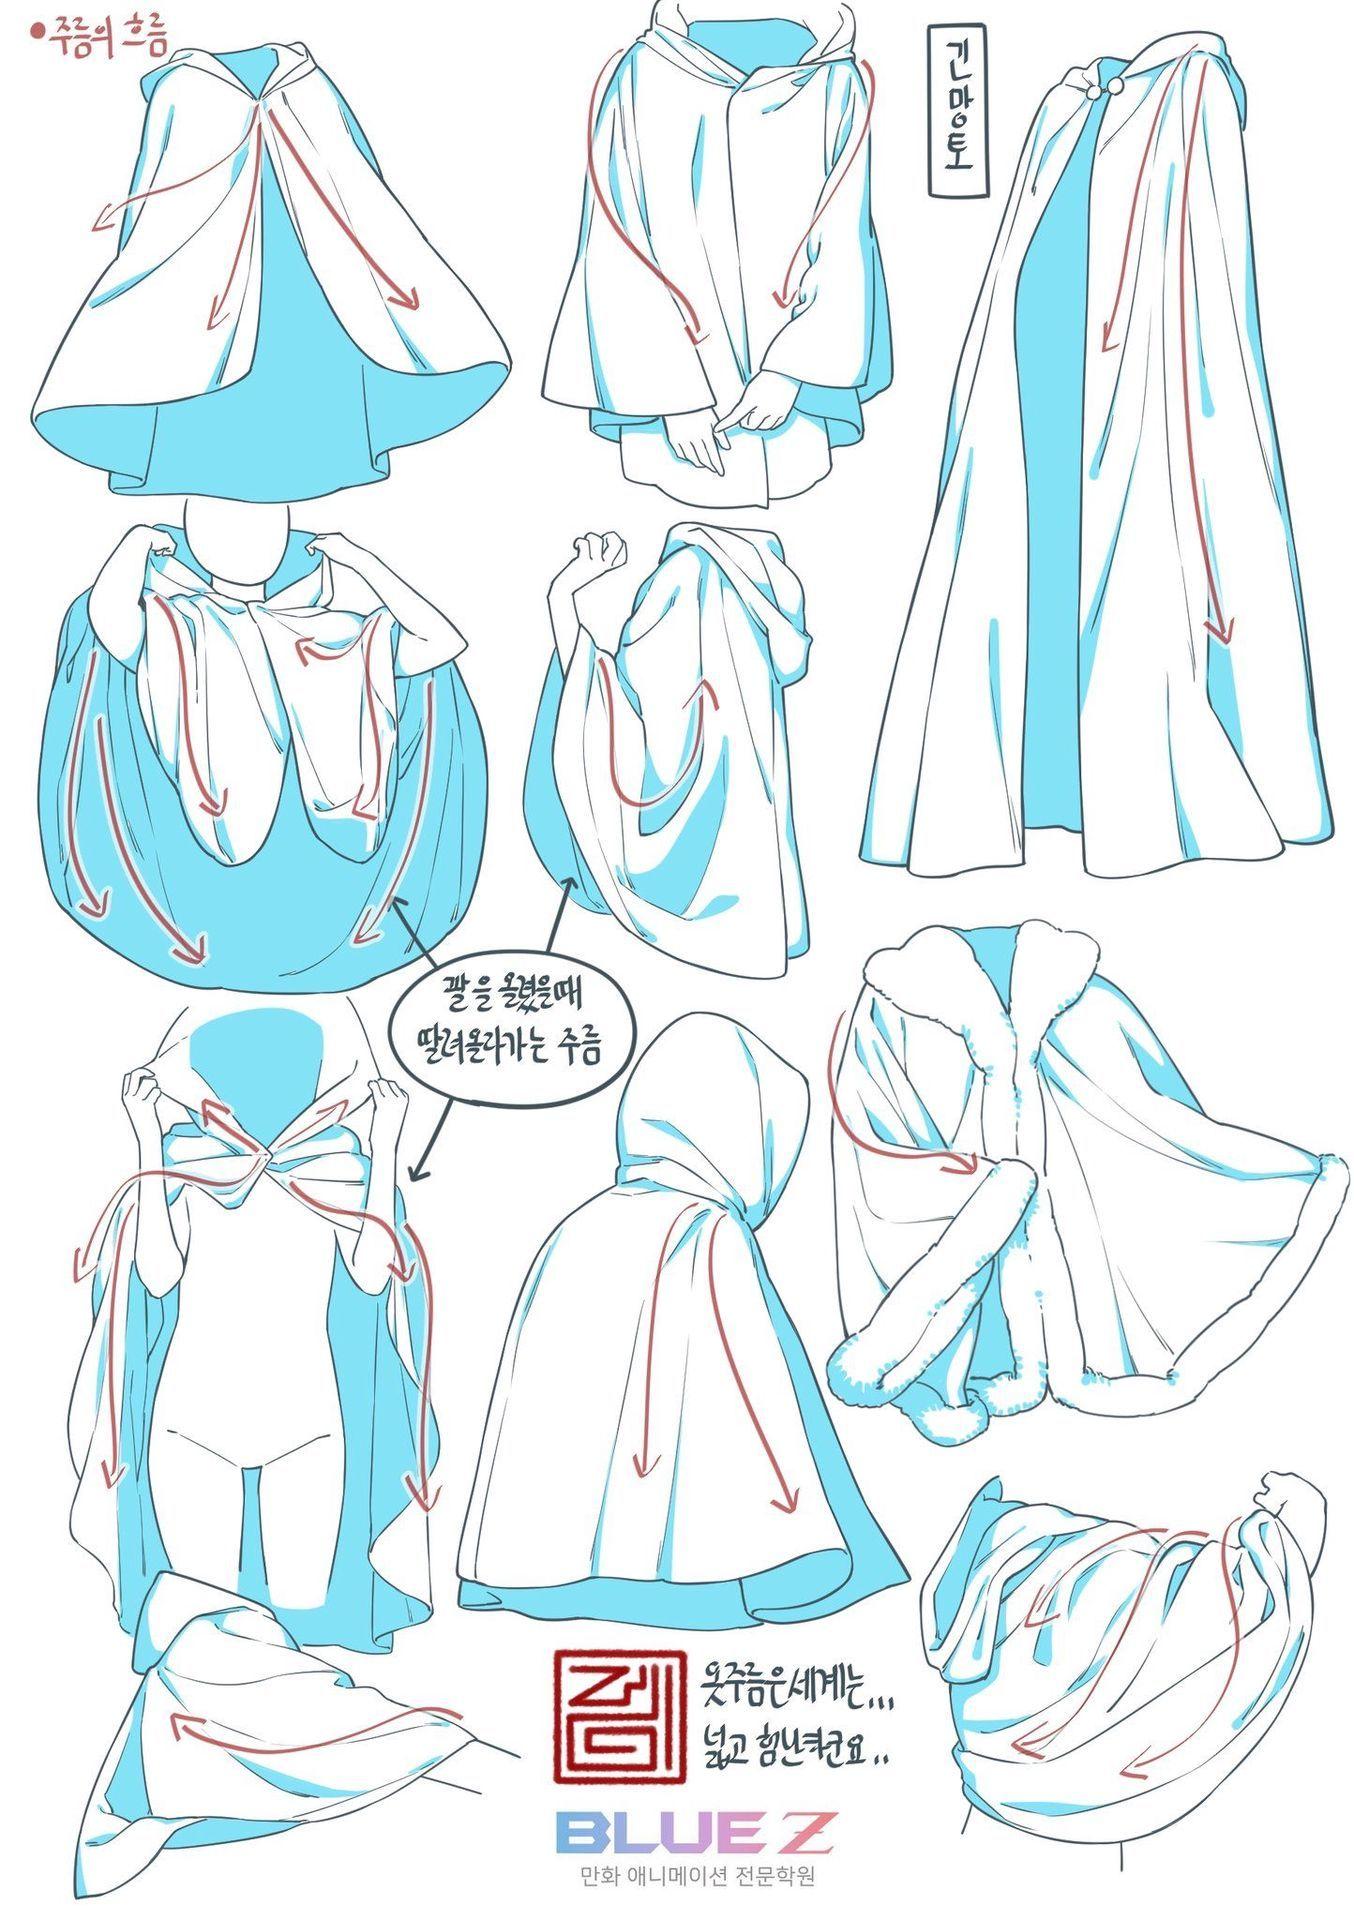 Épinglé sur Apprendre à dessiner les mangas